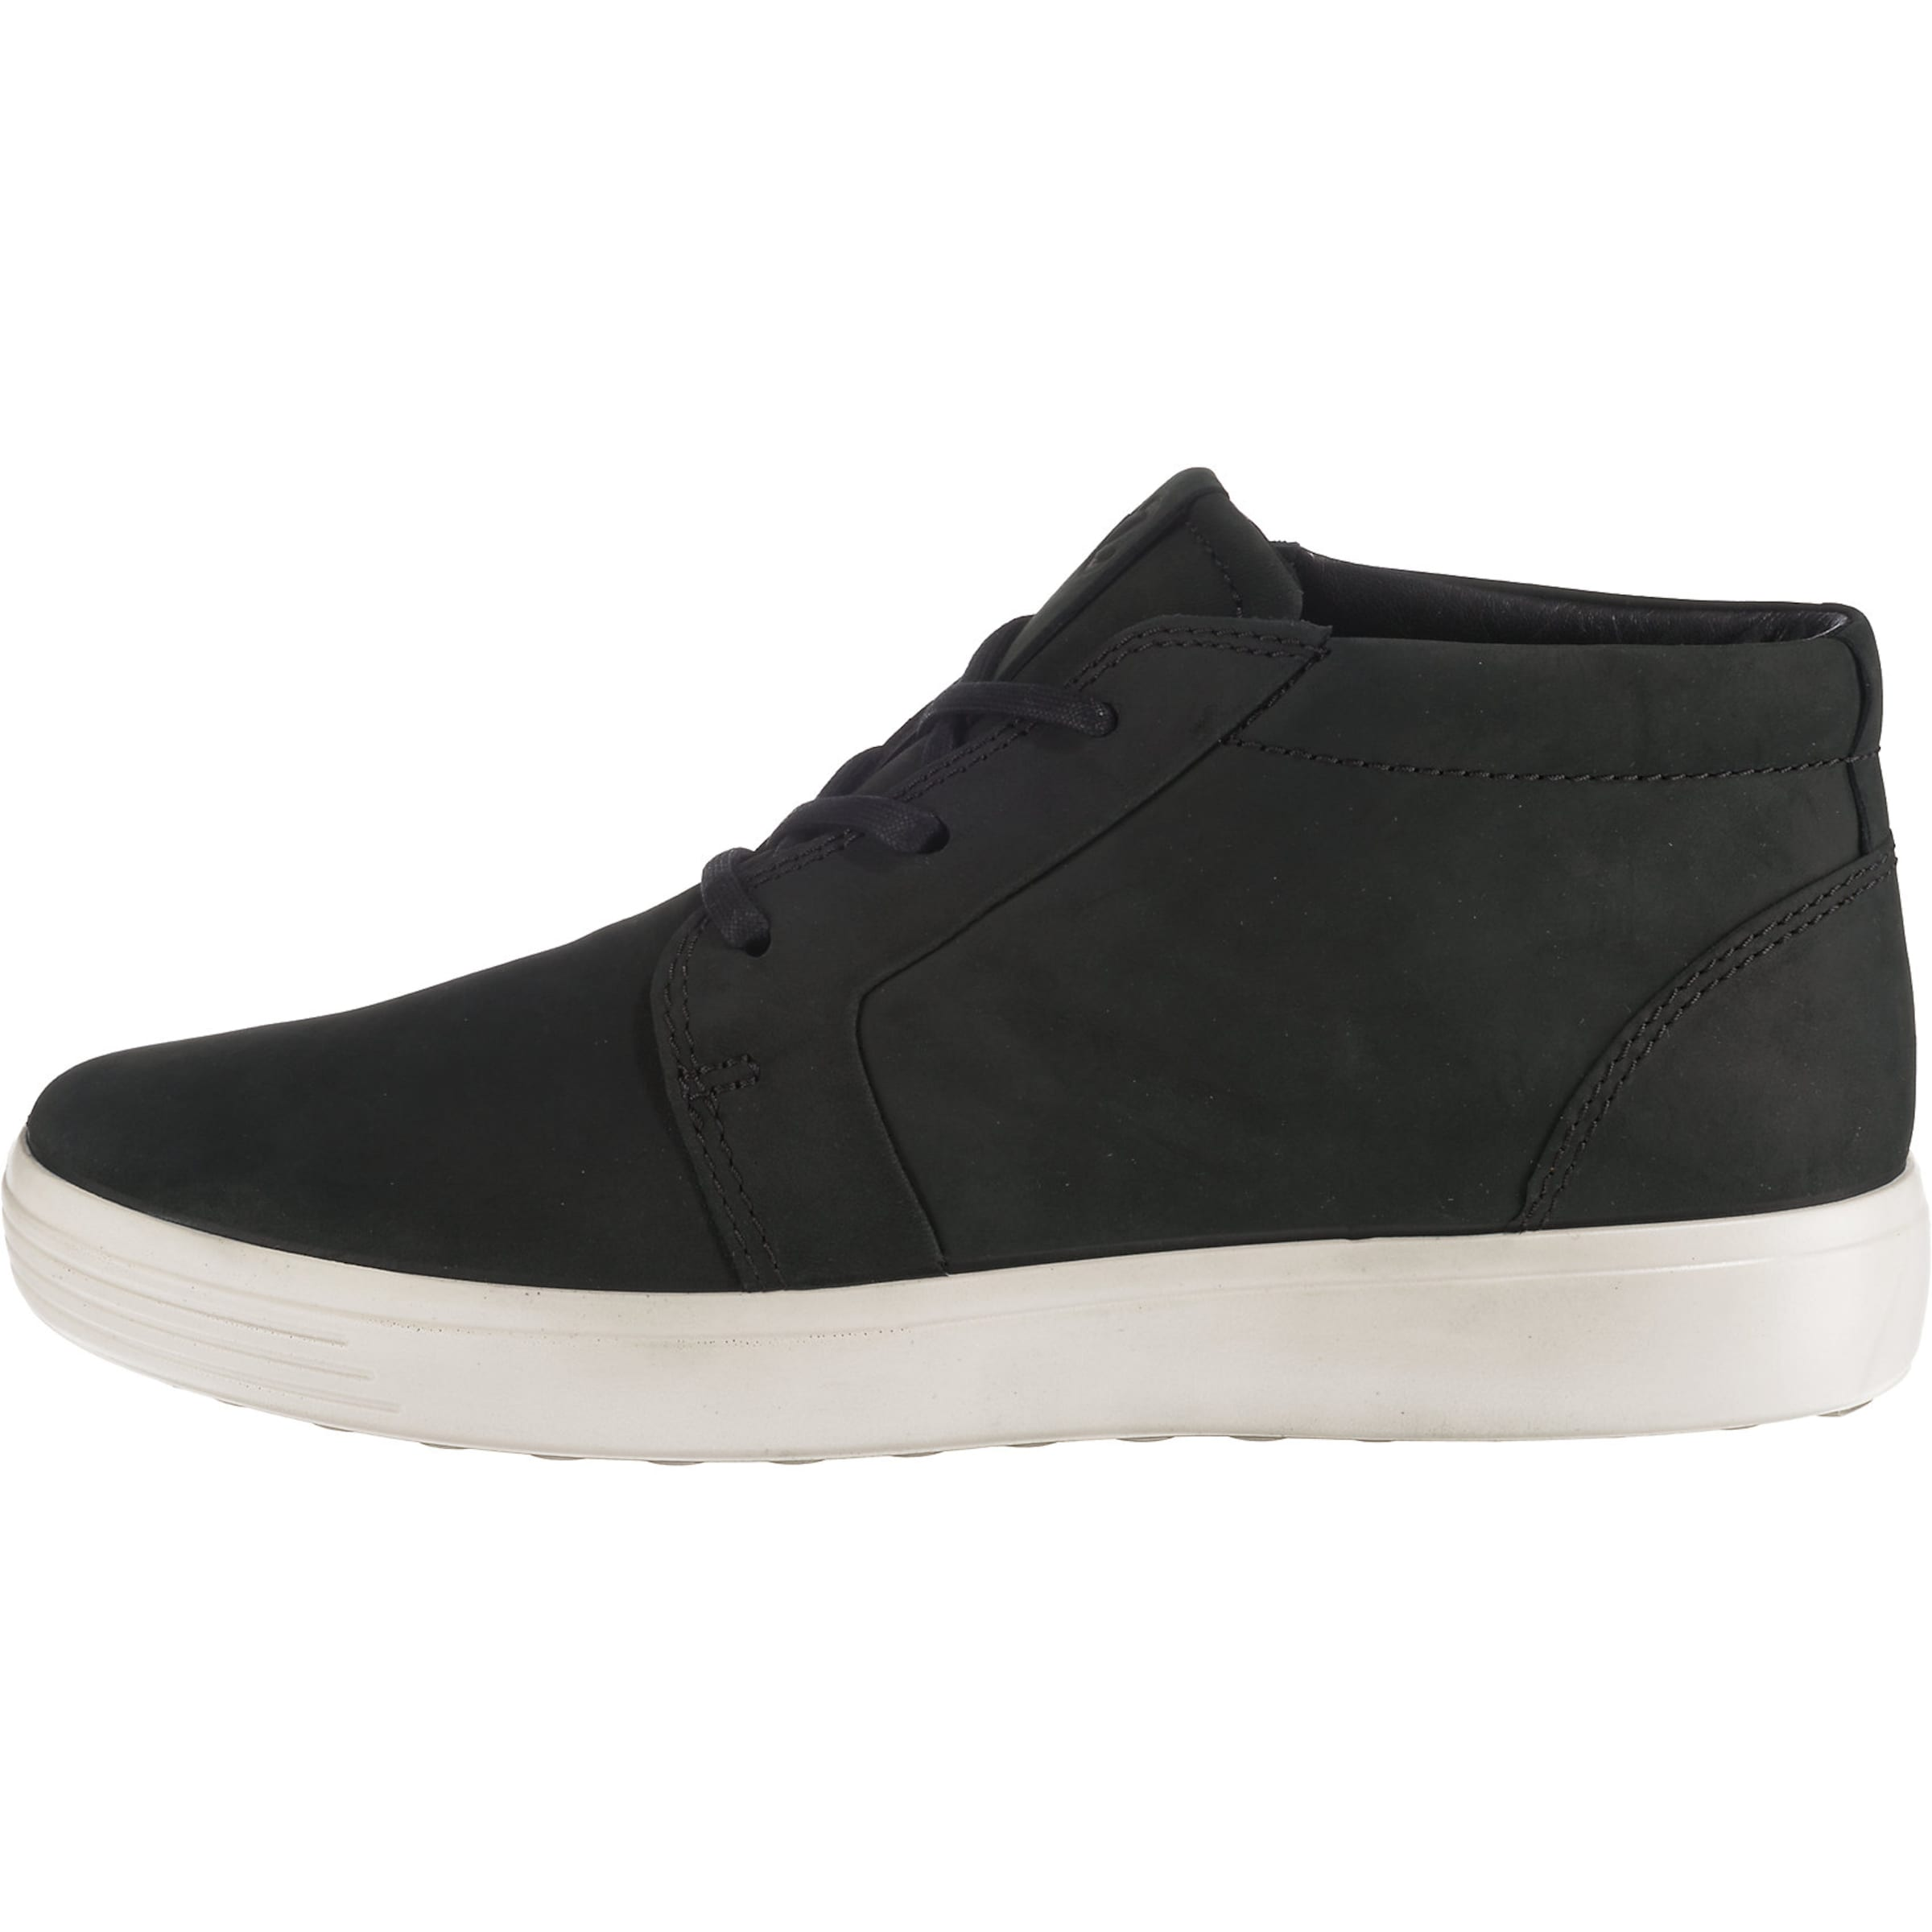 'soft Ecco 7 M' In Schwarz Sneaker e29WHYDEI